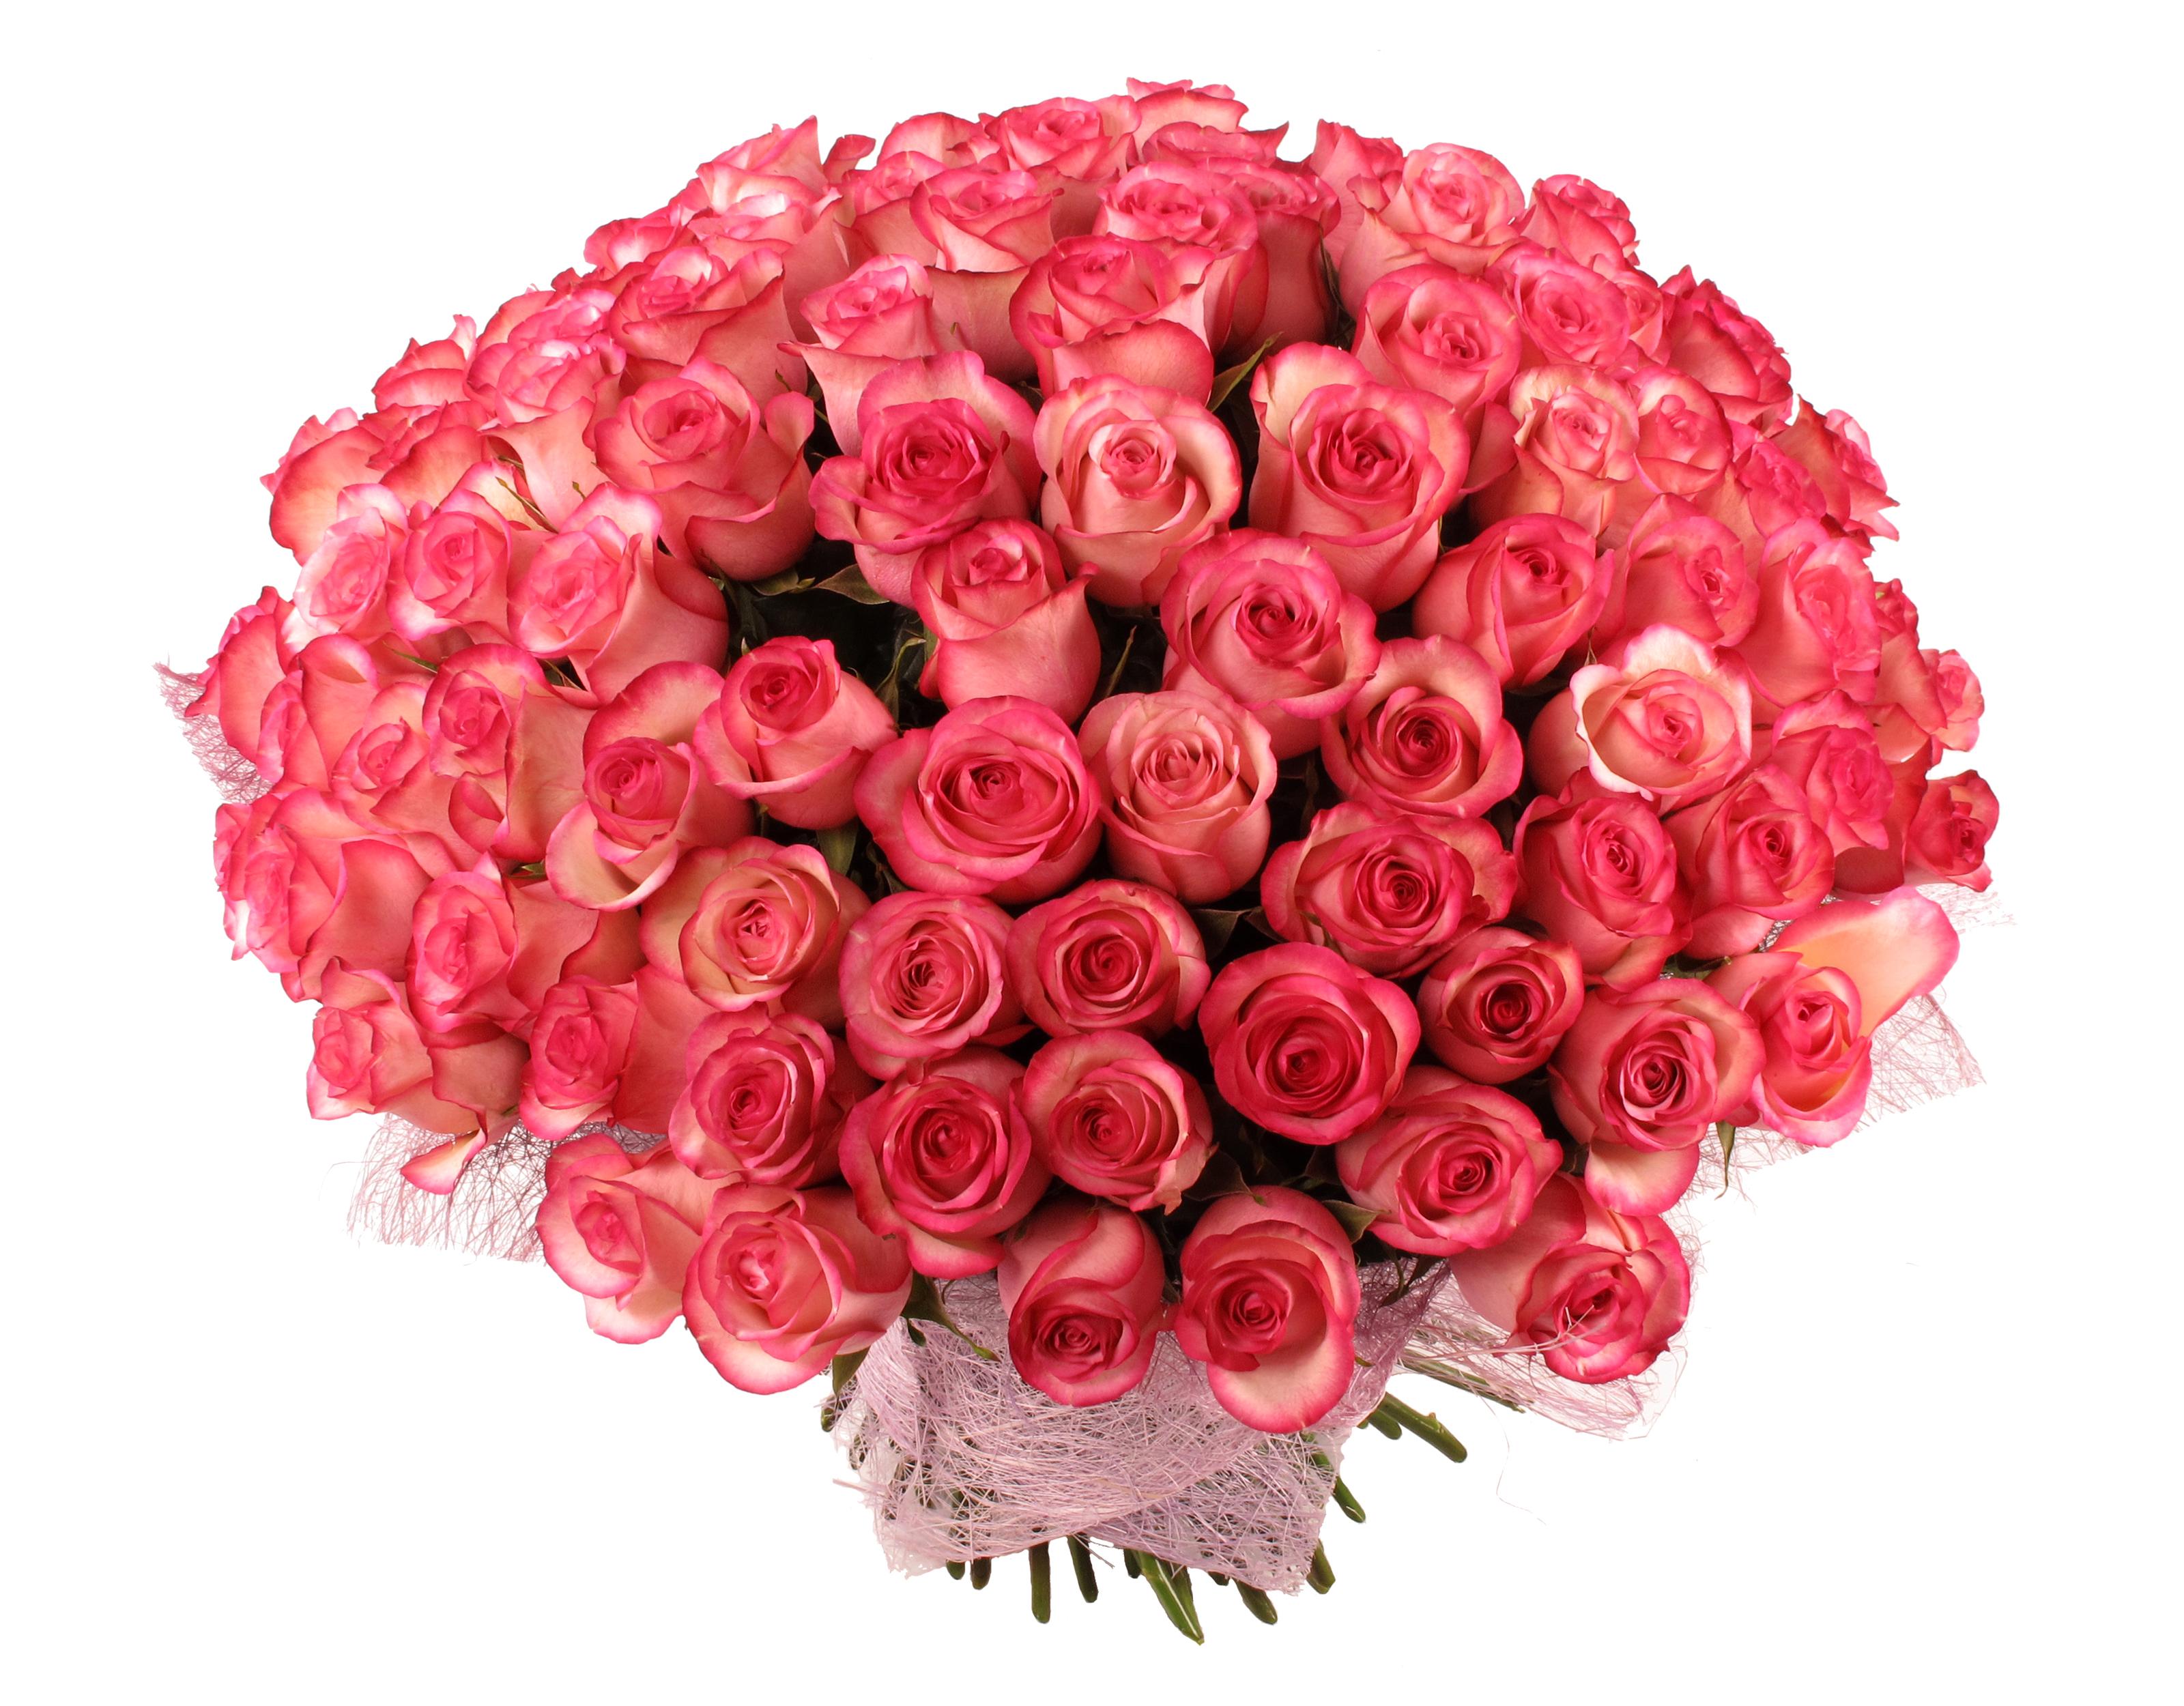 Цветы, красивый большой букет роз на прозрачном фоне